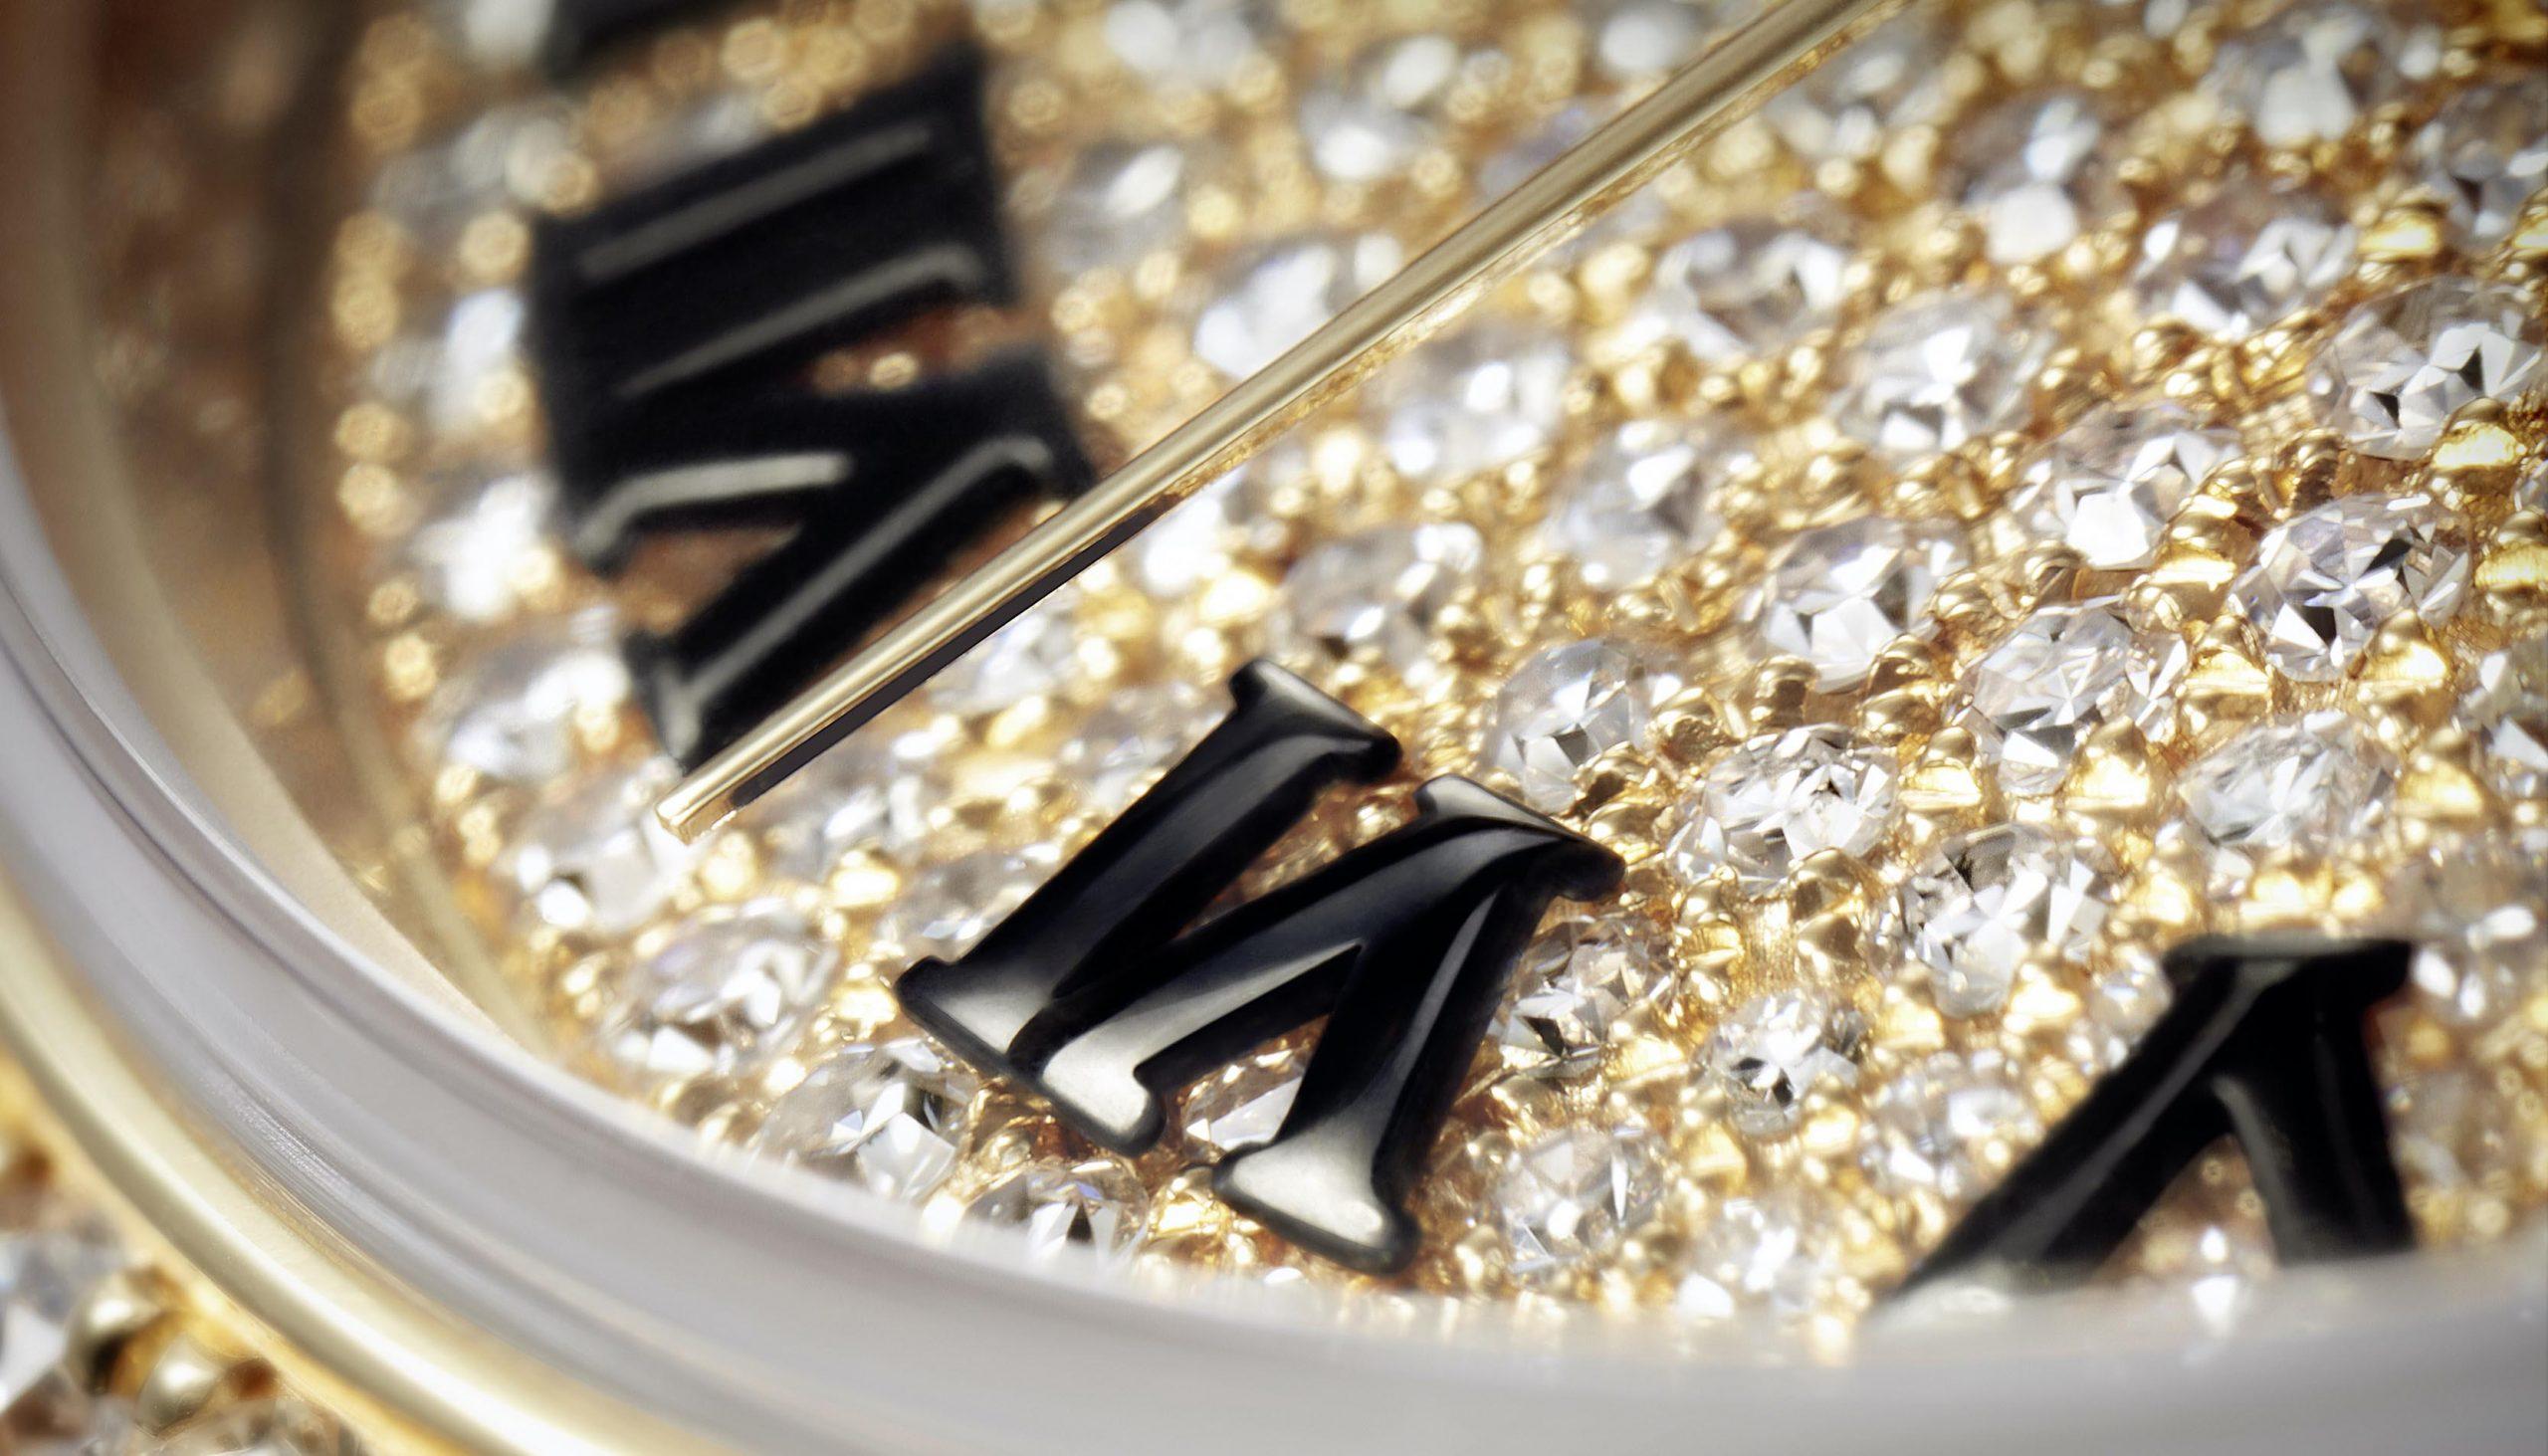 mặt số đính kim cương của đồng hồ Rolex Oyster Perpetual Lady-Datejust